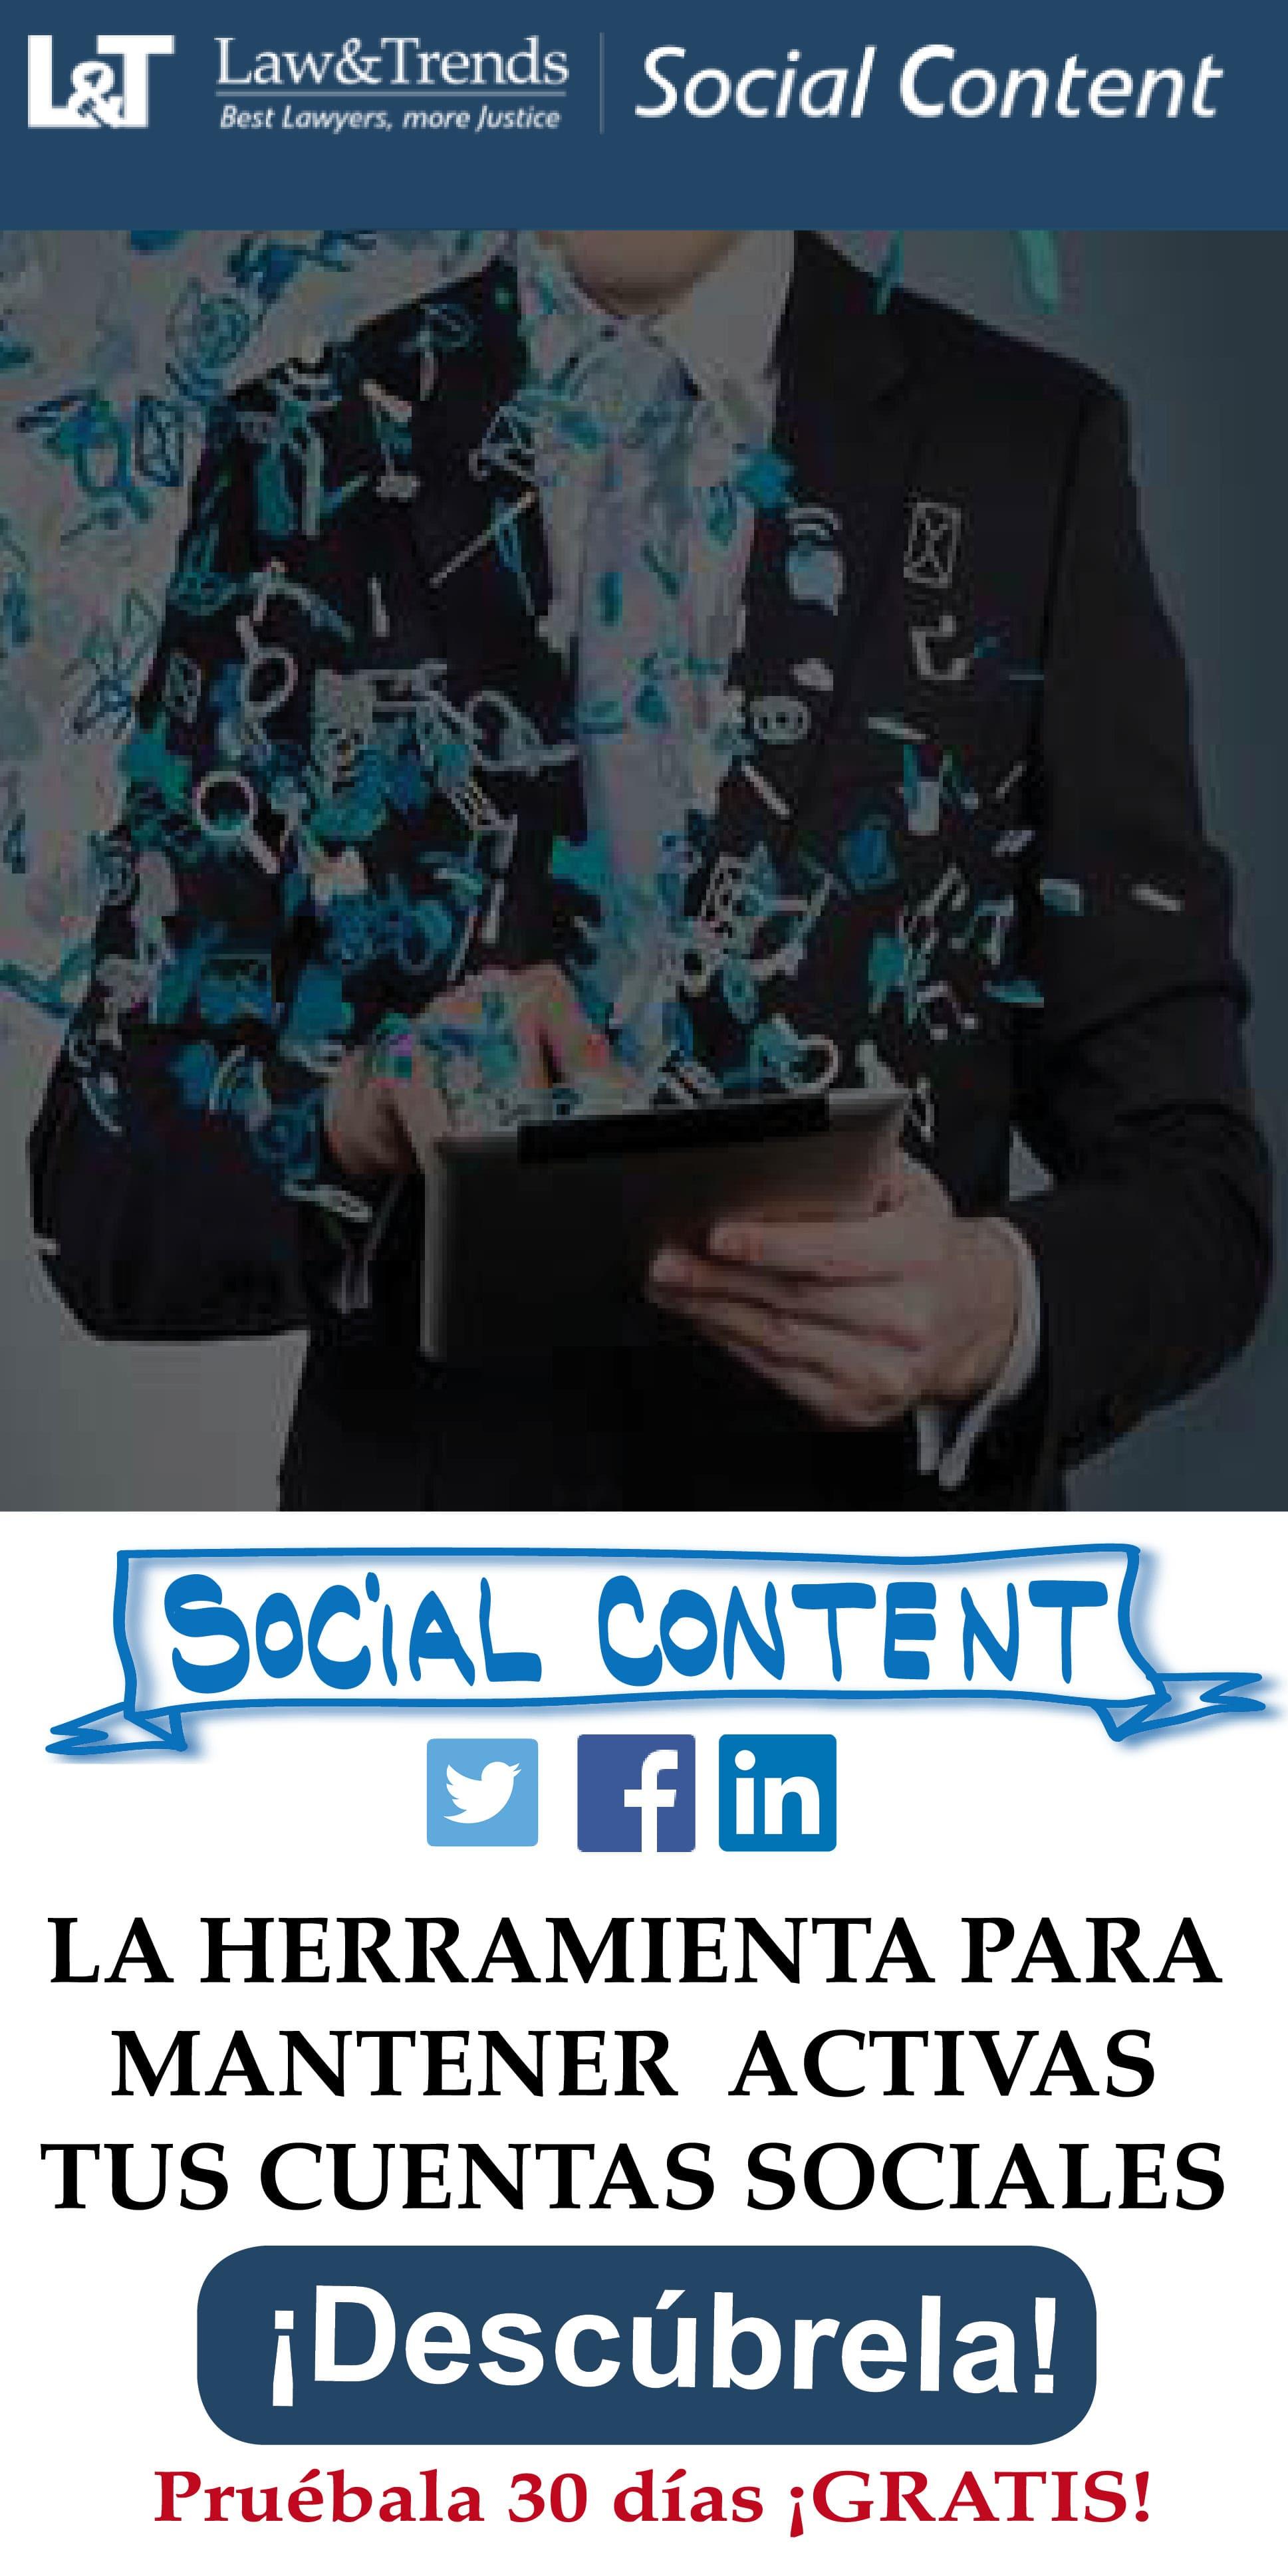 Social content es el servicio de redes sociales de Law&Trends para despachos de abogados y profesionales jur�dicos